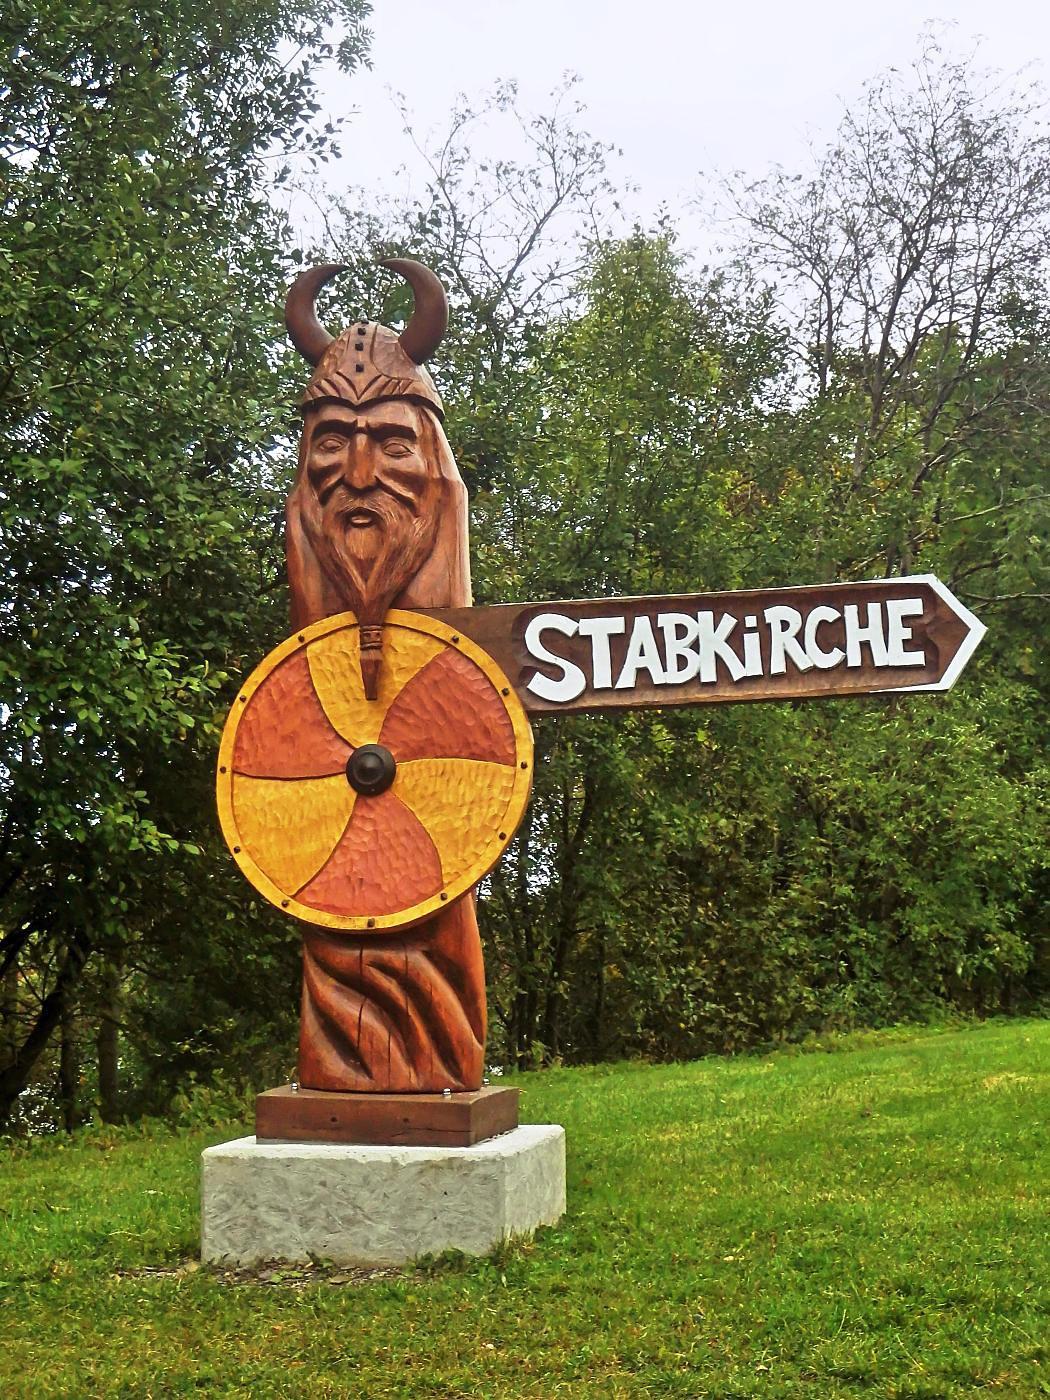 Richtung Stabkirche